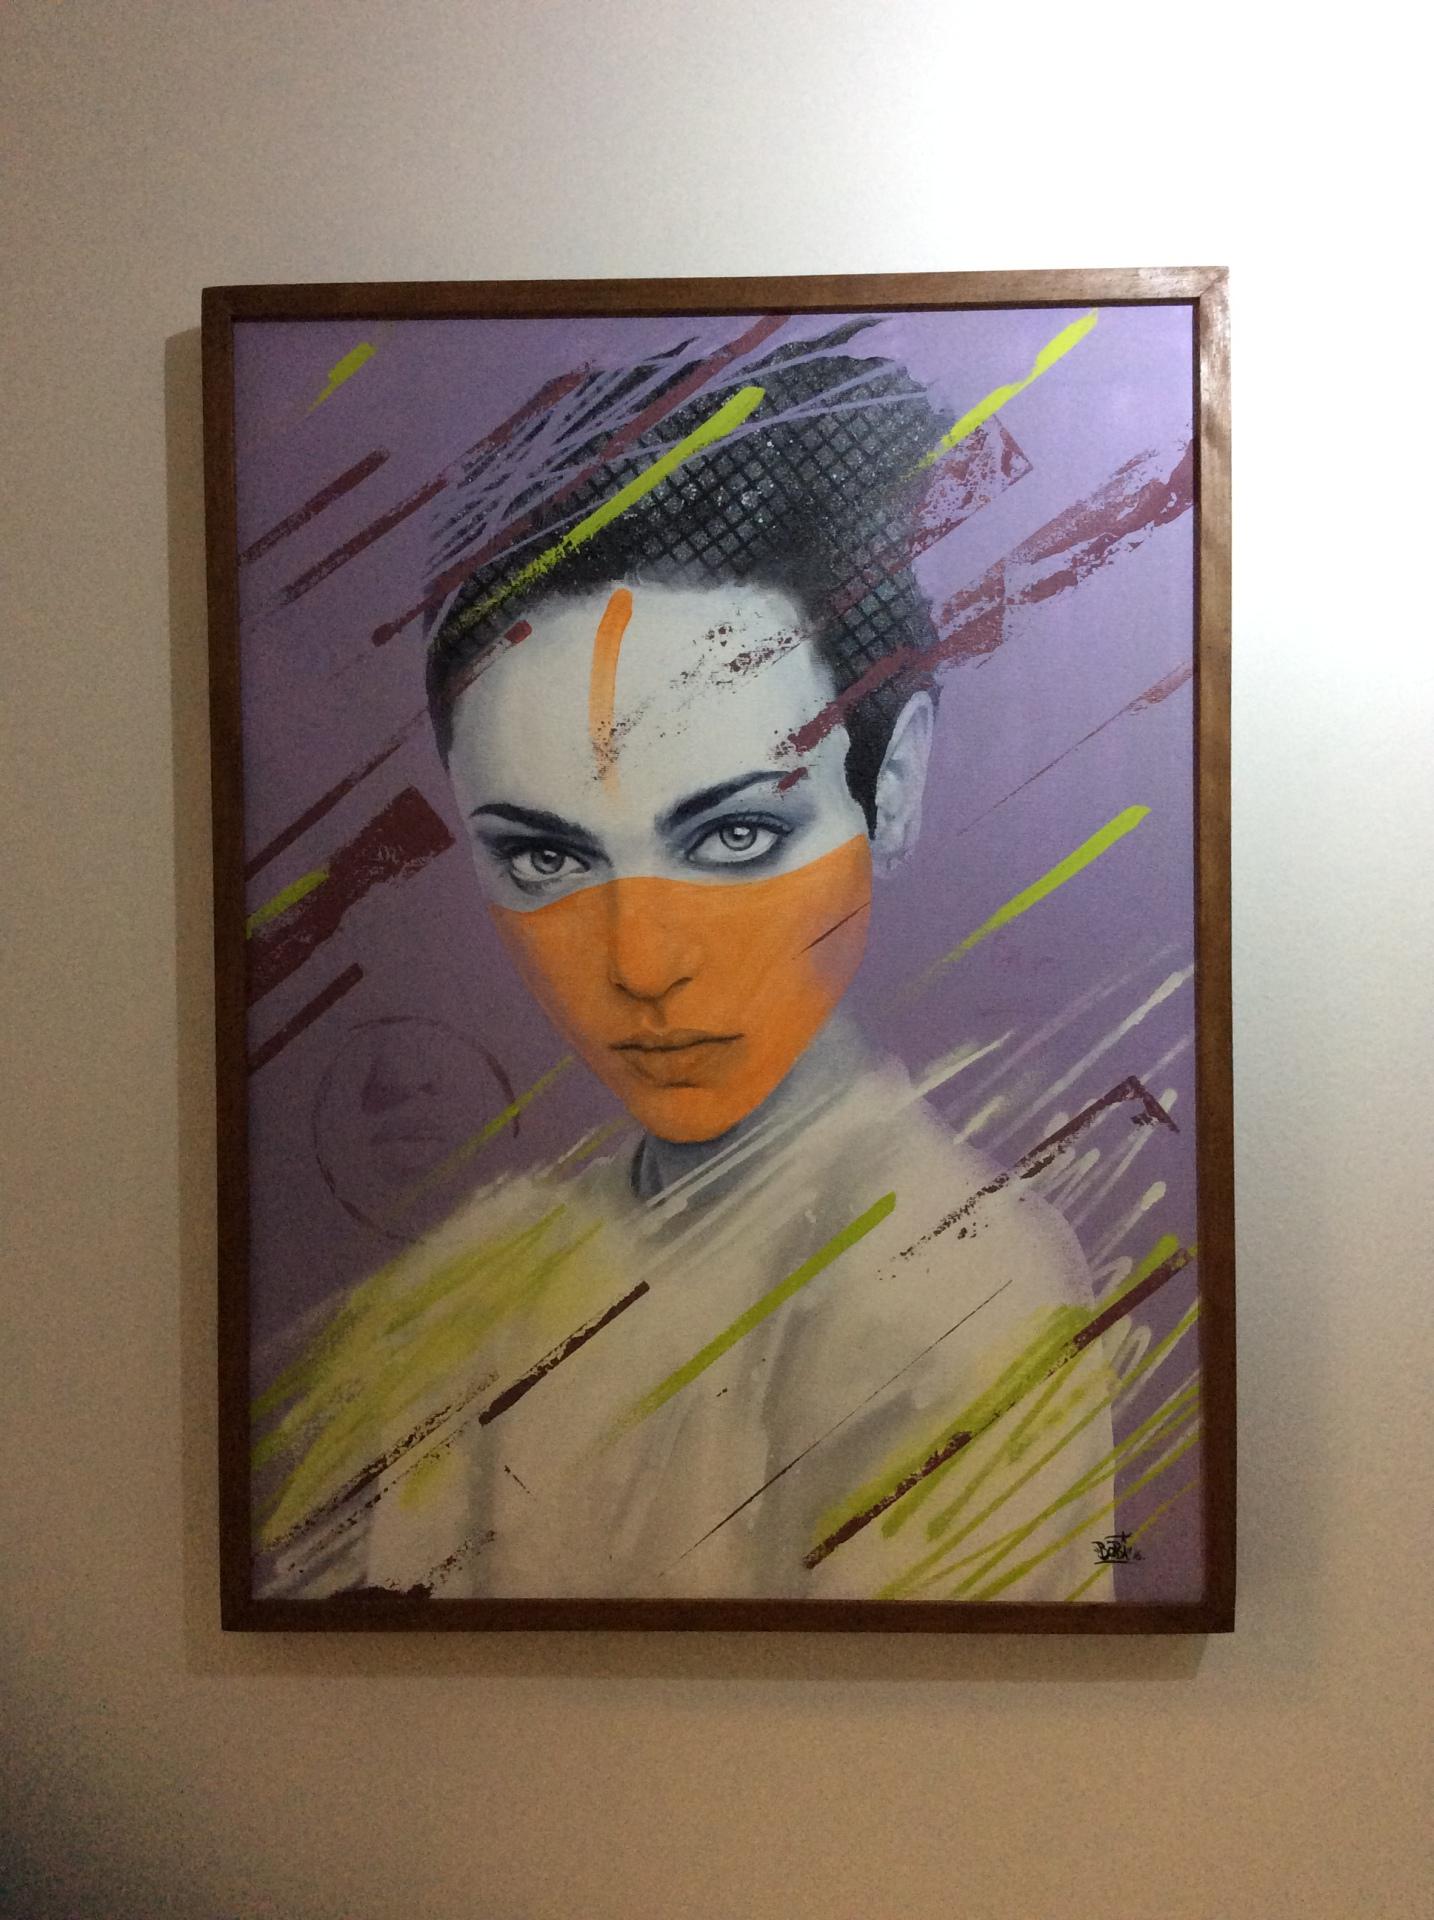 Puro Amor - Tamanho: 80x60 cm Técnica: Acrilica e spray sobre tela - Disponível